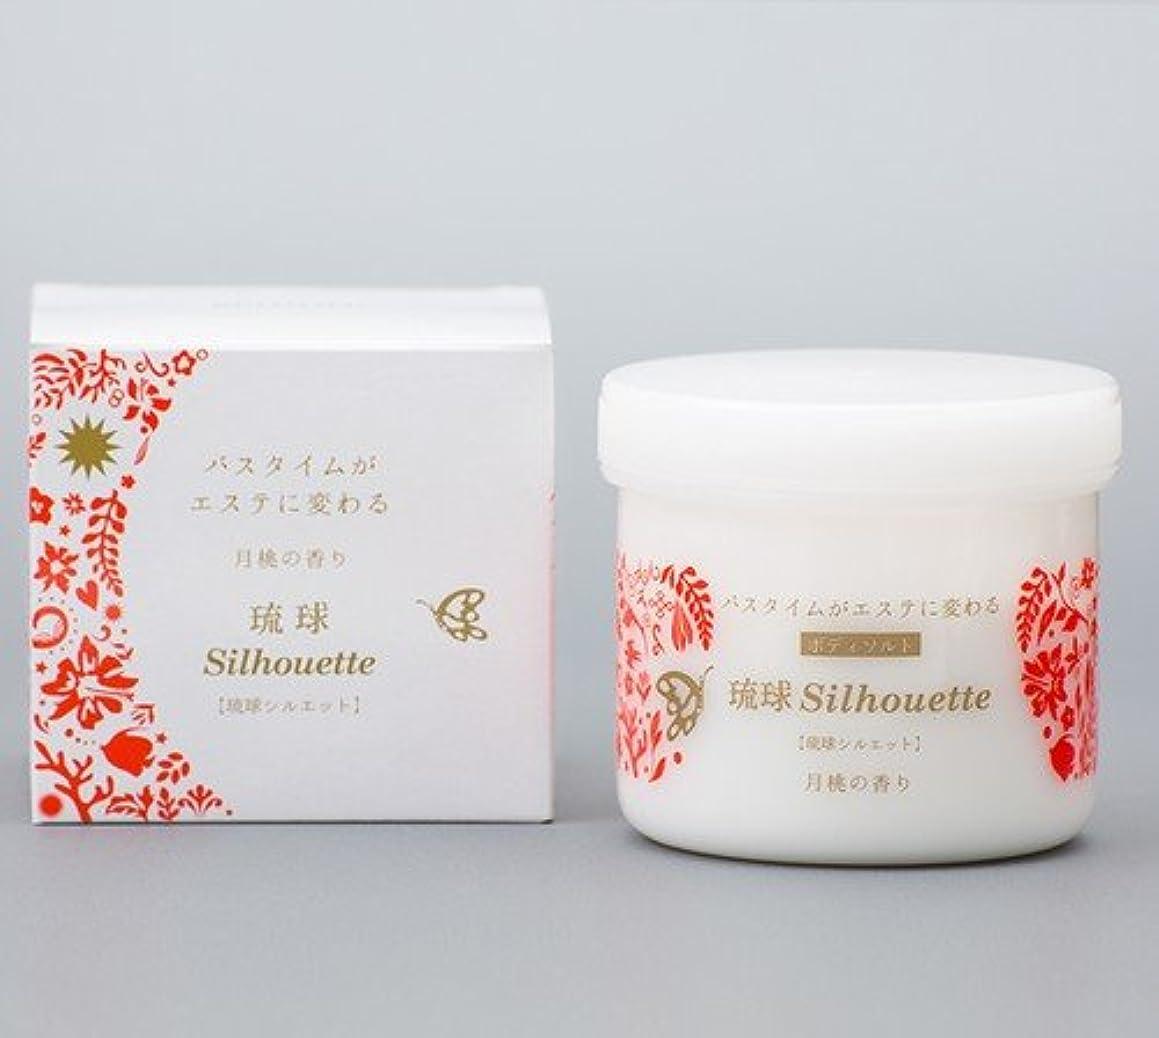 スペードそよ風新しい意味月桃の香り 琉球シルエット ソルトソープ(200g)